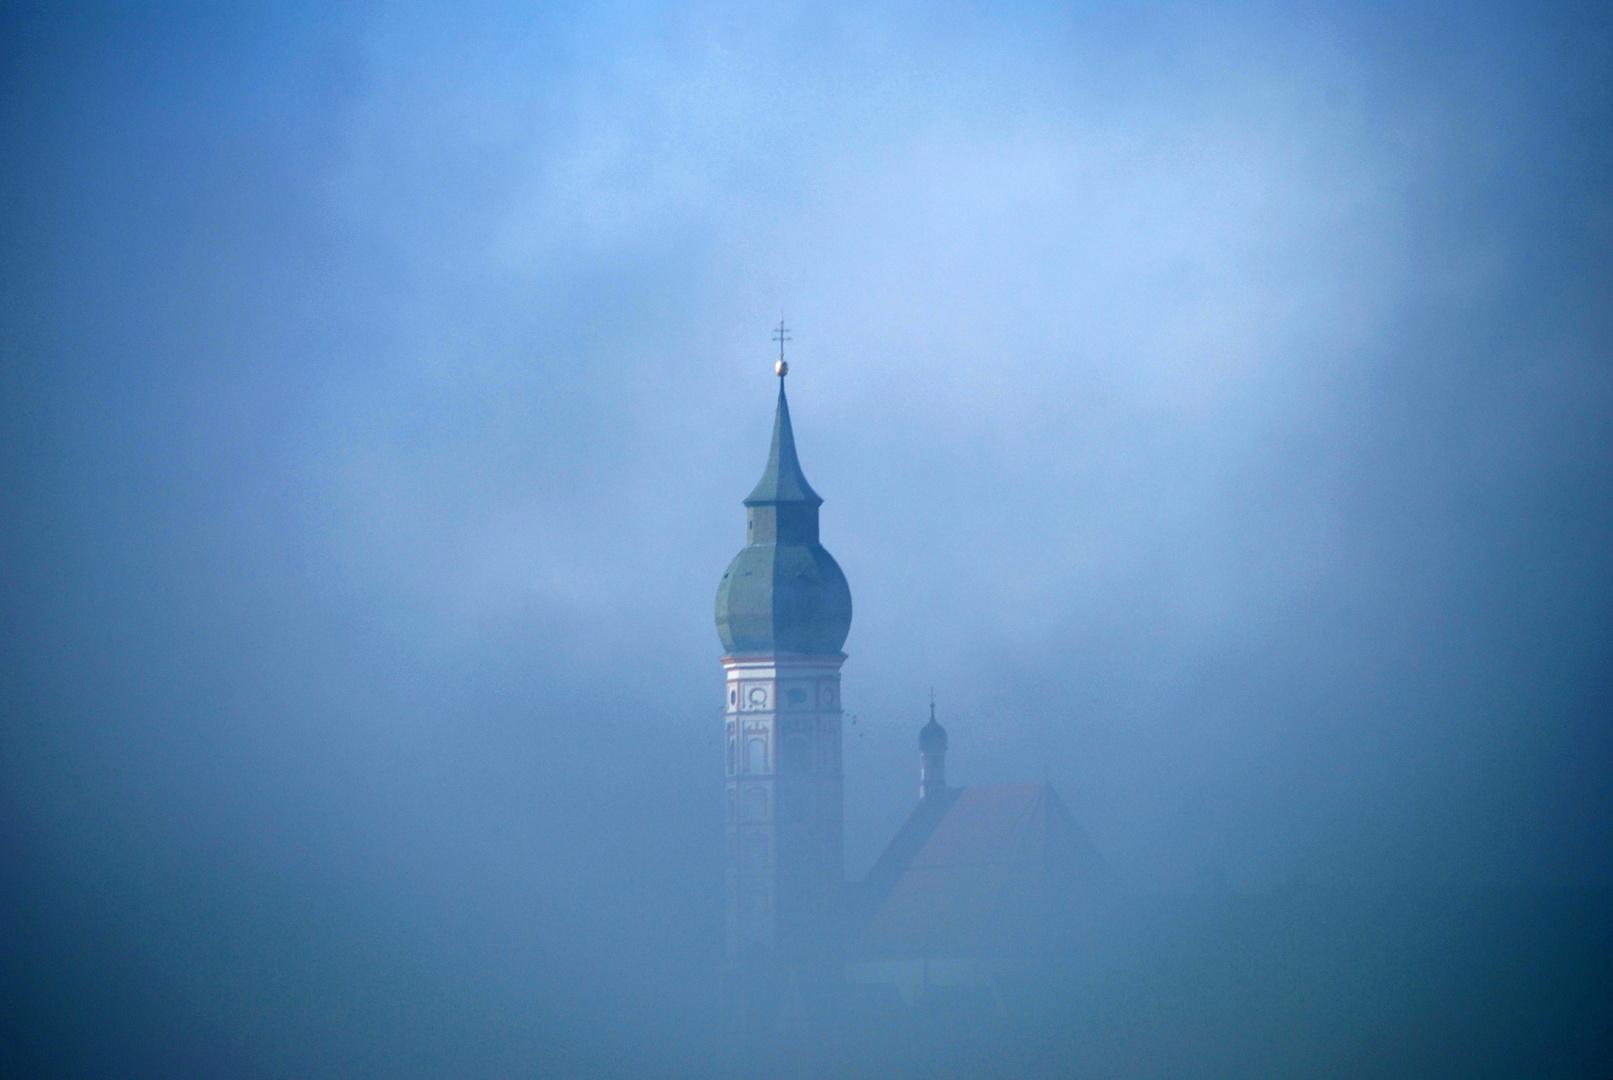 Kloster Andechs, Bayern 76